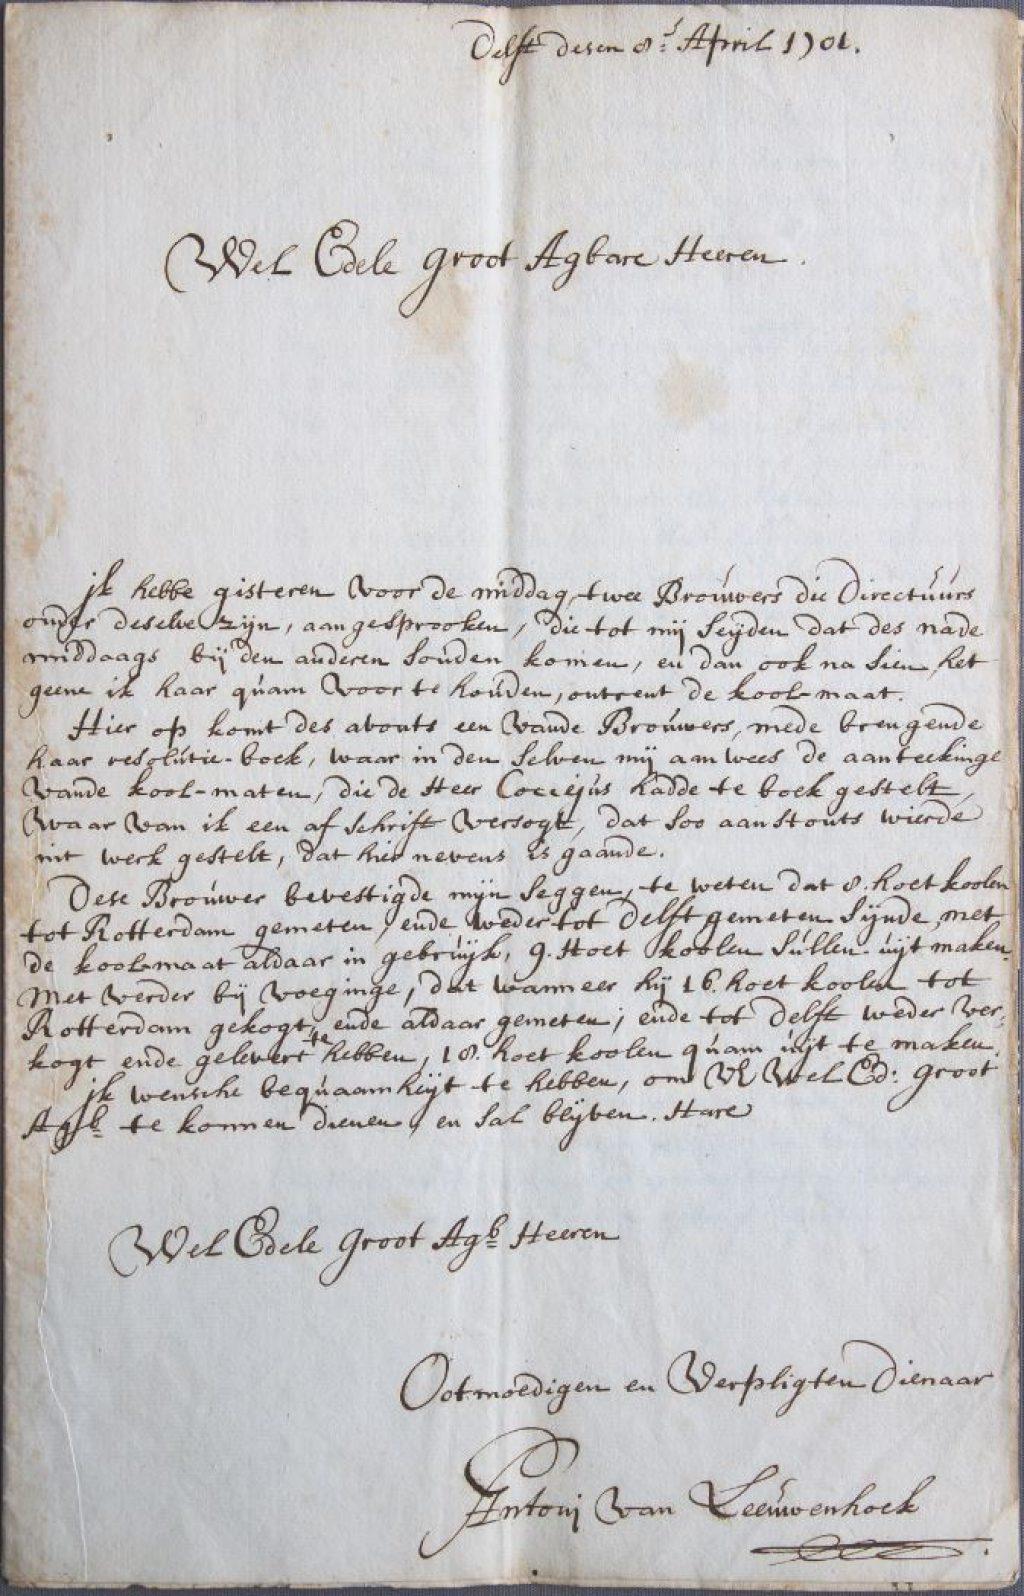 Brief van Anthoni van Leeuwenhoek aan het stadsbestuur over de kolenmaat, 8 april 1701. (Archief 1, inv.nr 1849)